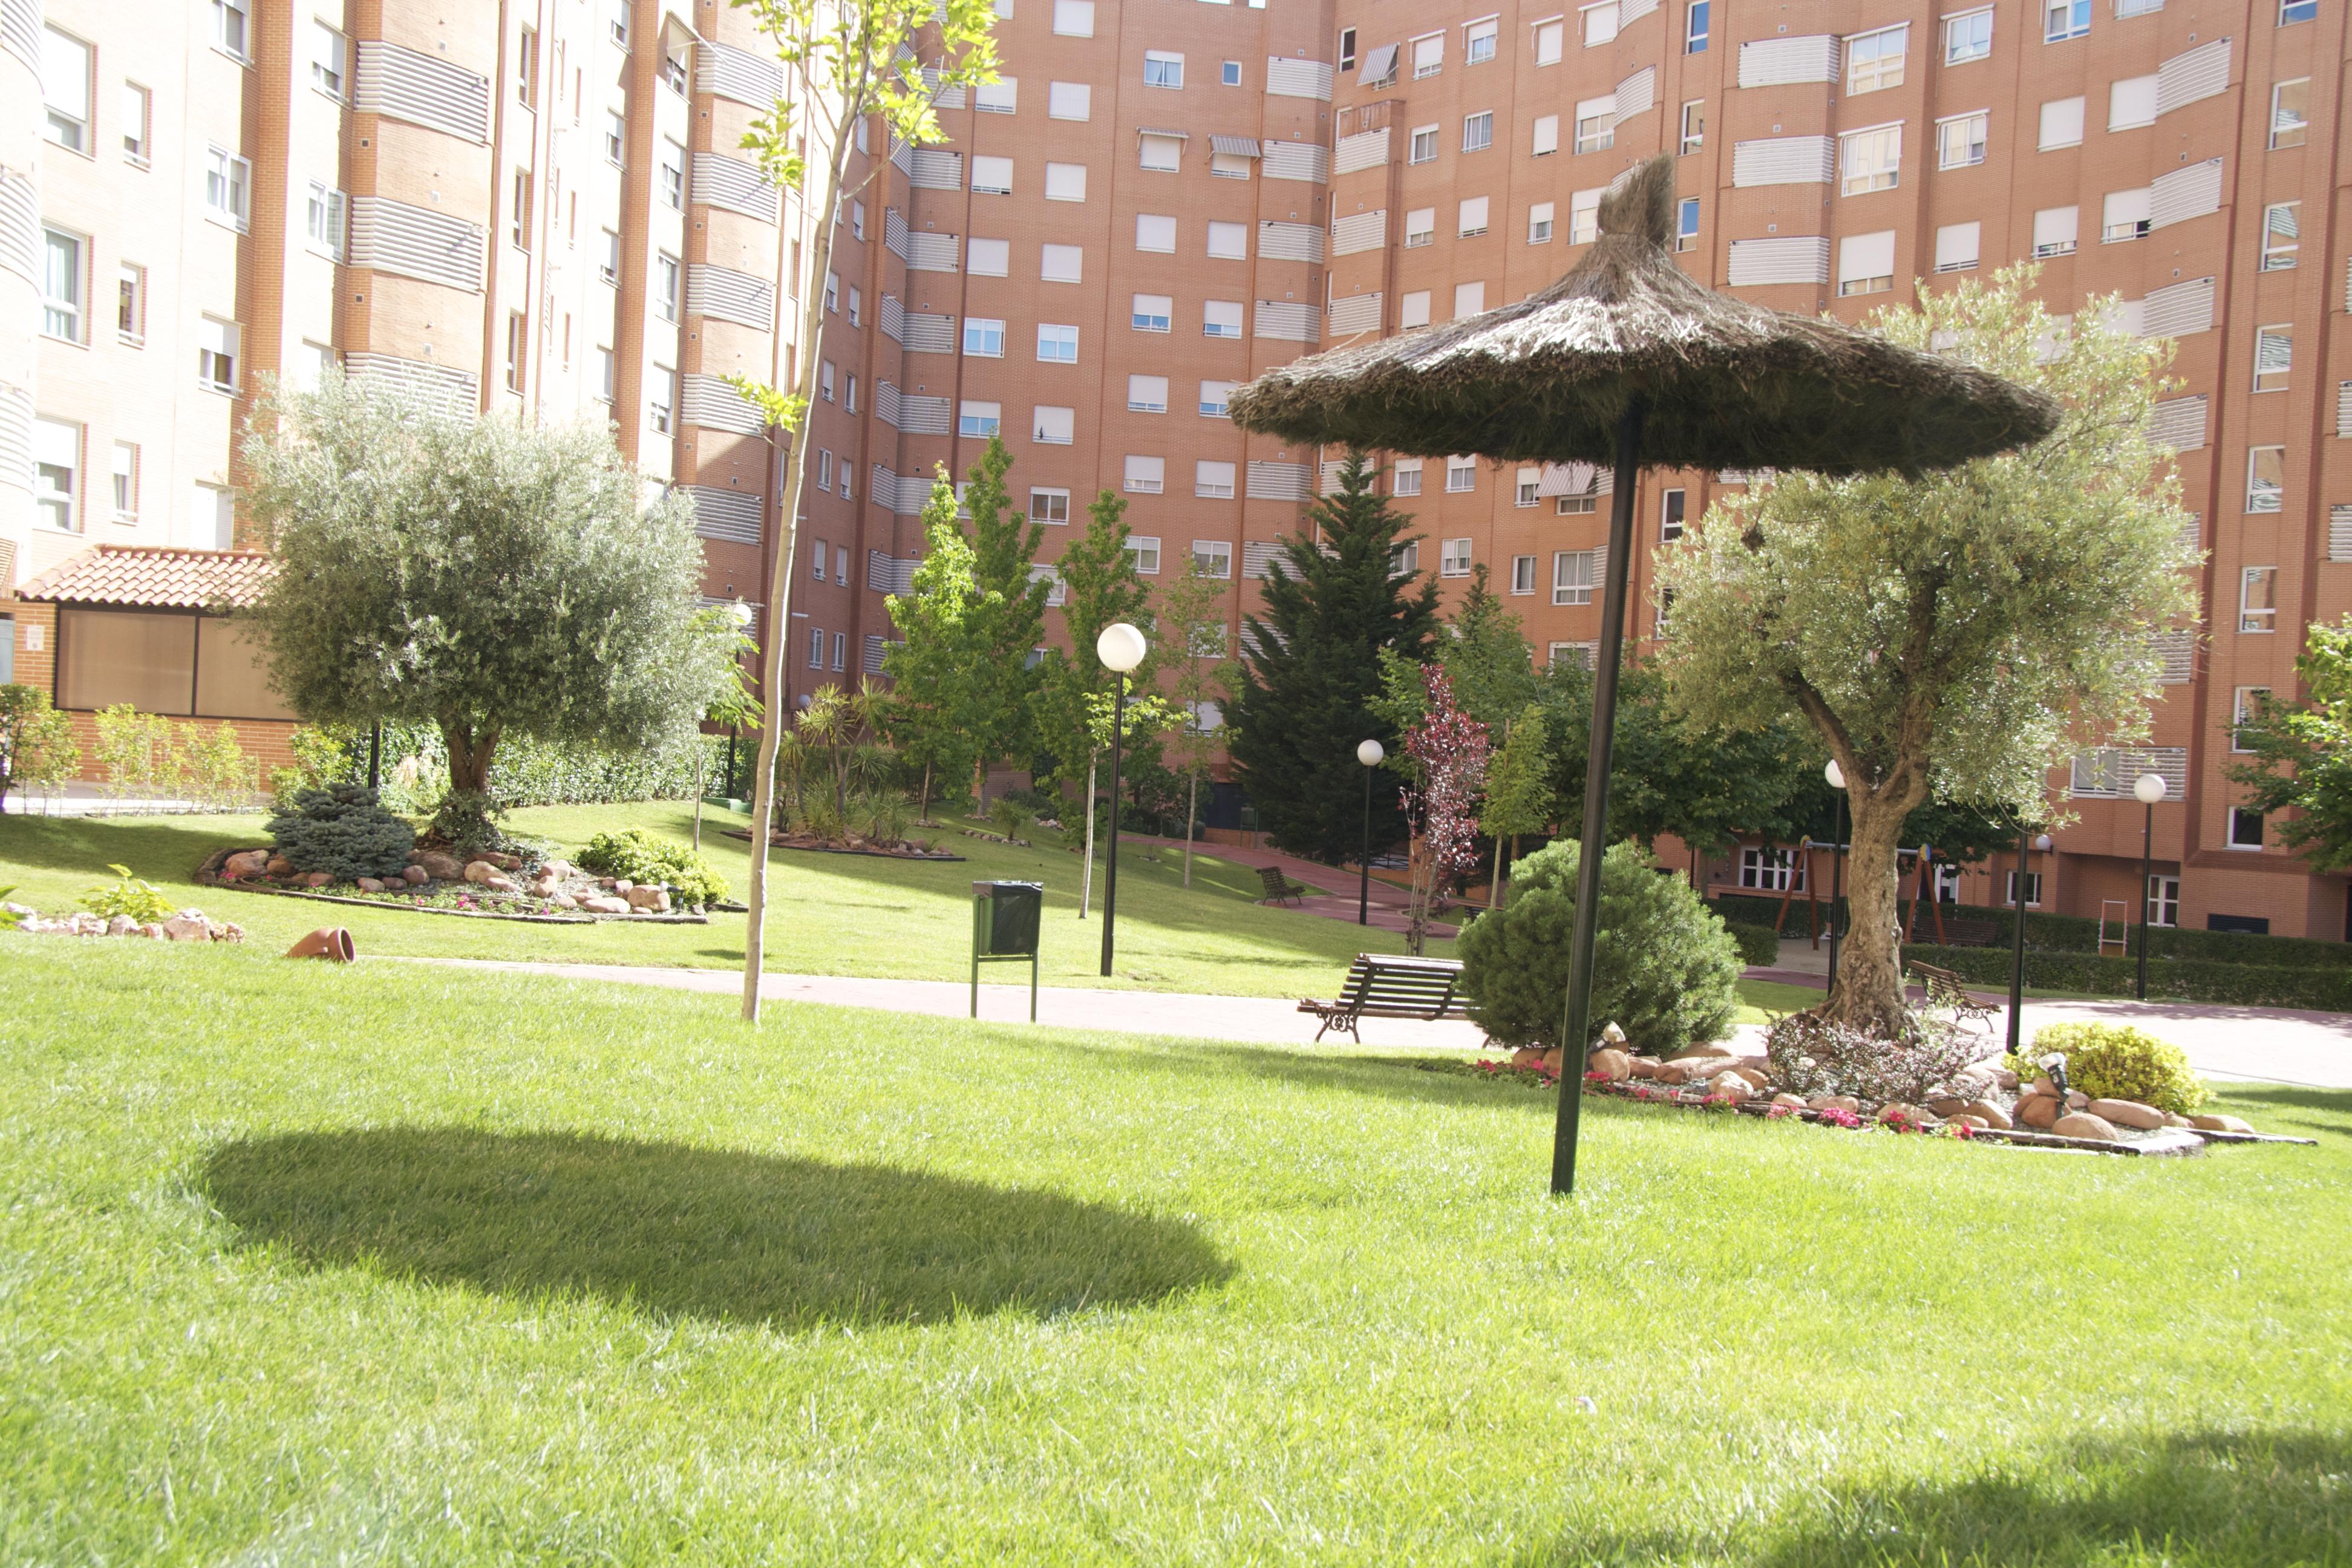 Mantenimiento de jardines de zonas residenciales comuno for Jardines residenciales